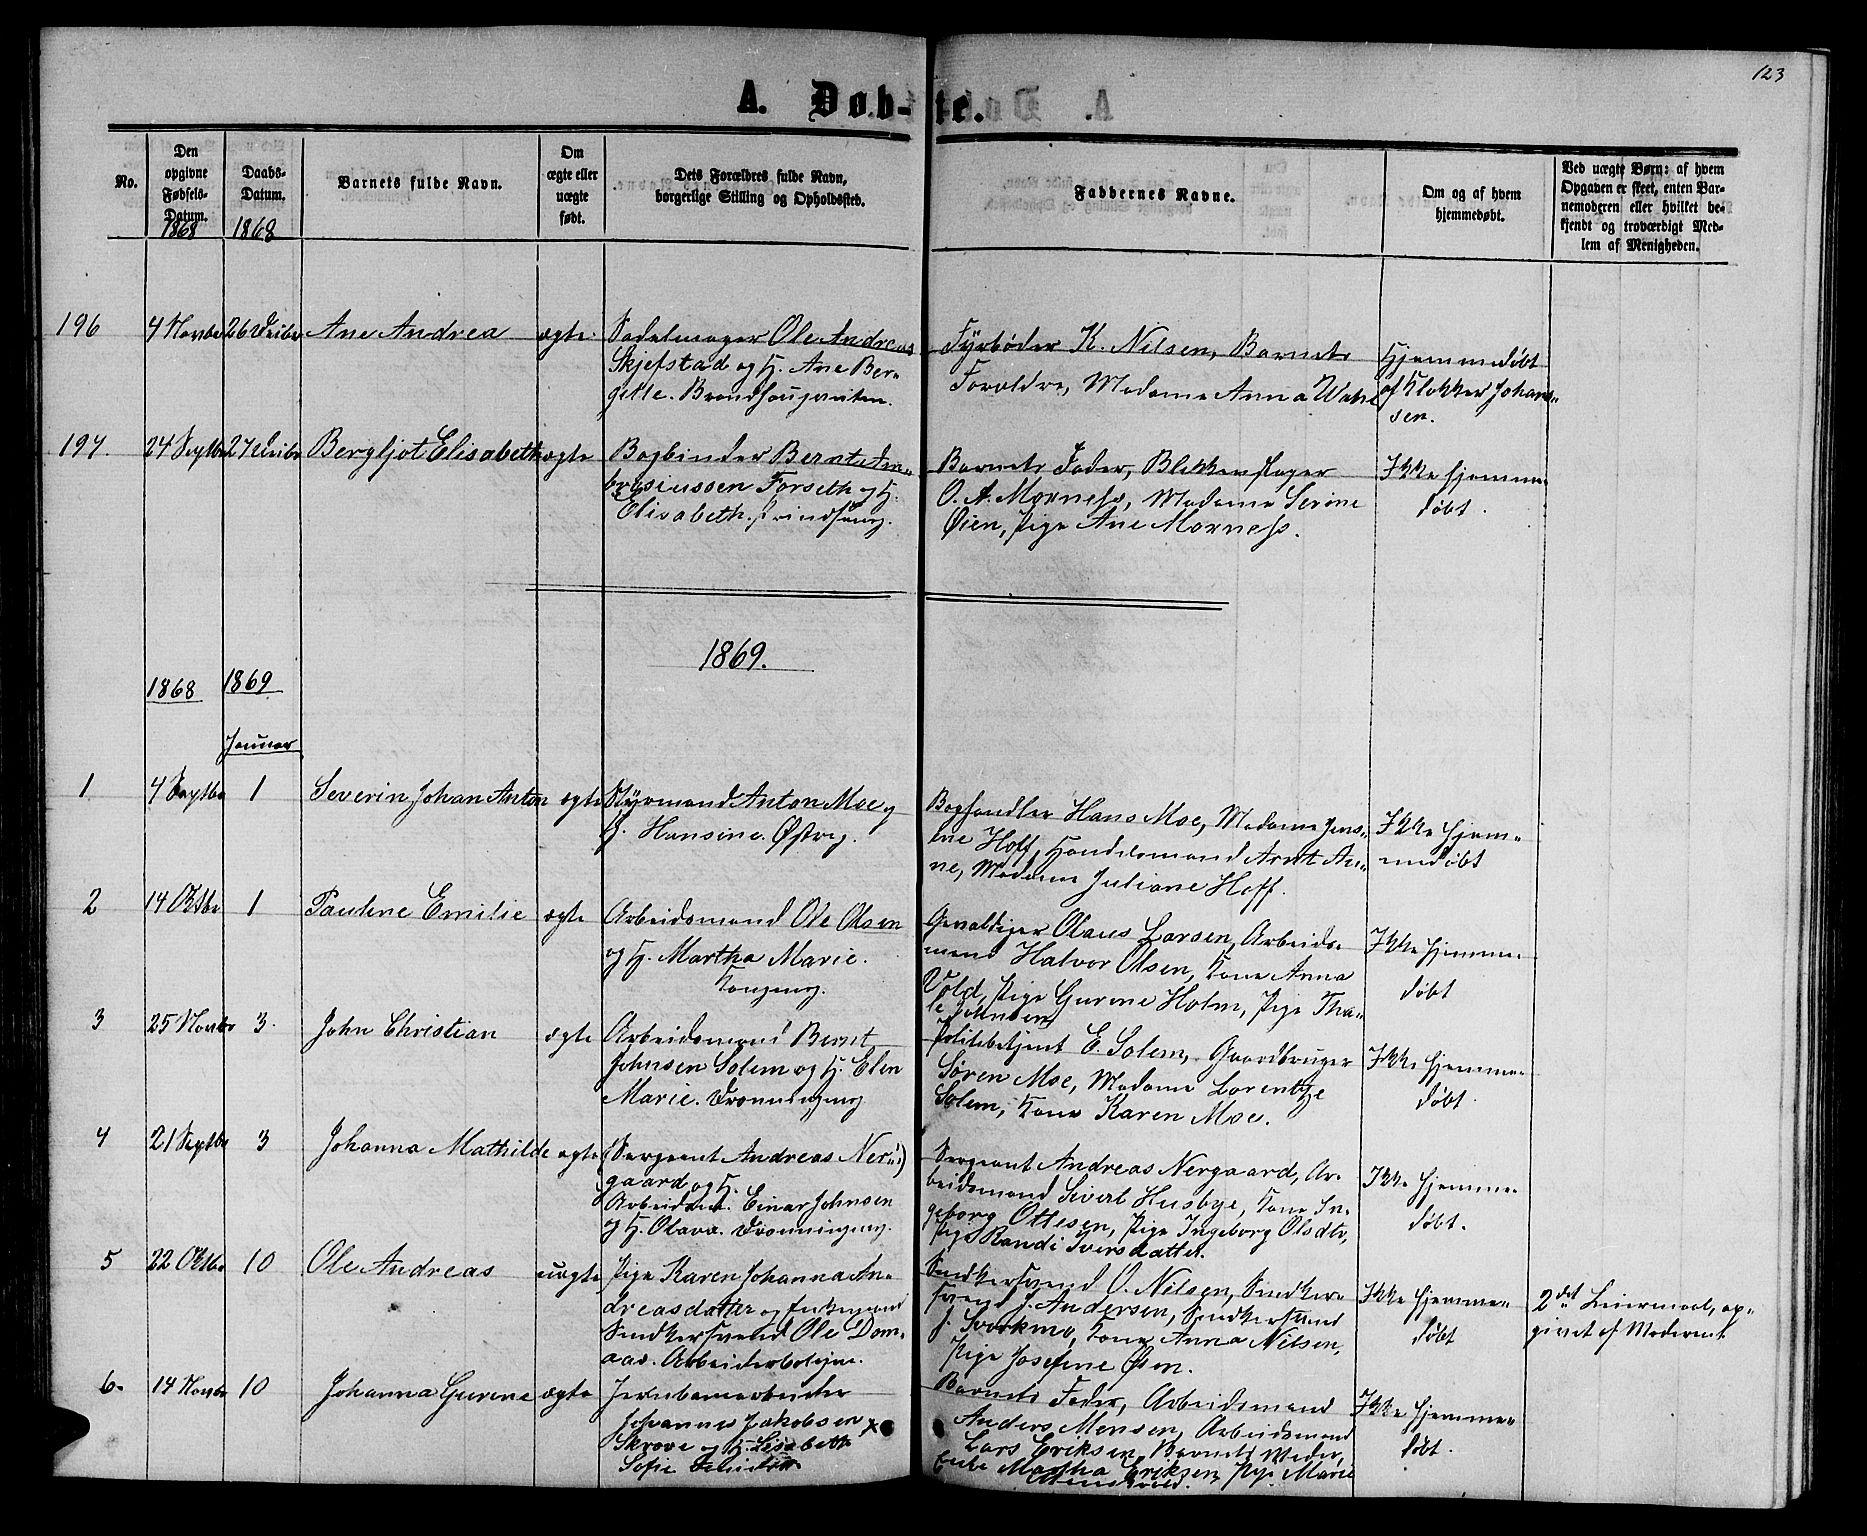 SAT, Ministerialprotokoller, klokkerbøker og fødselsregistre - Sør-Trøndelag, 601/L0087: Klokkerbok nr. 601C05, 1864-1881, s. 123